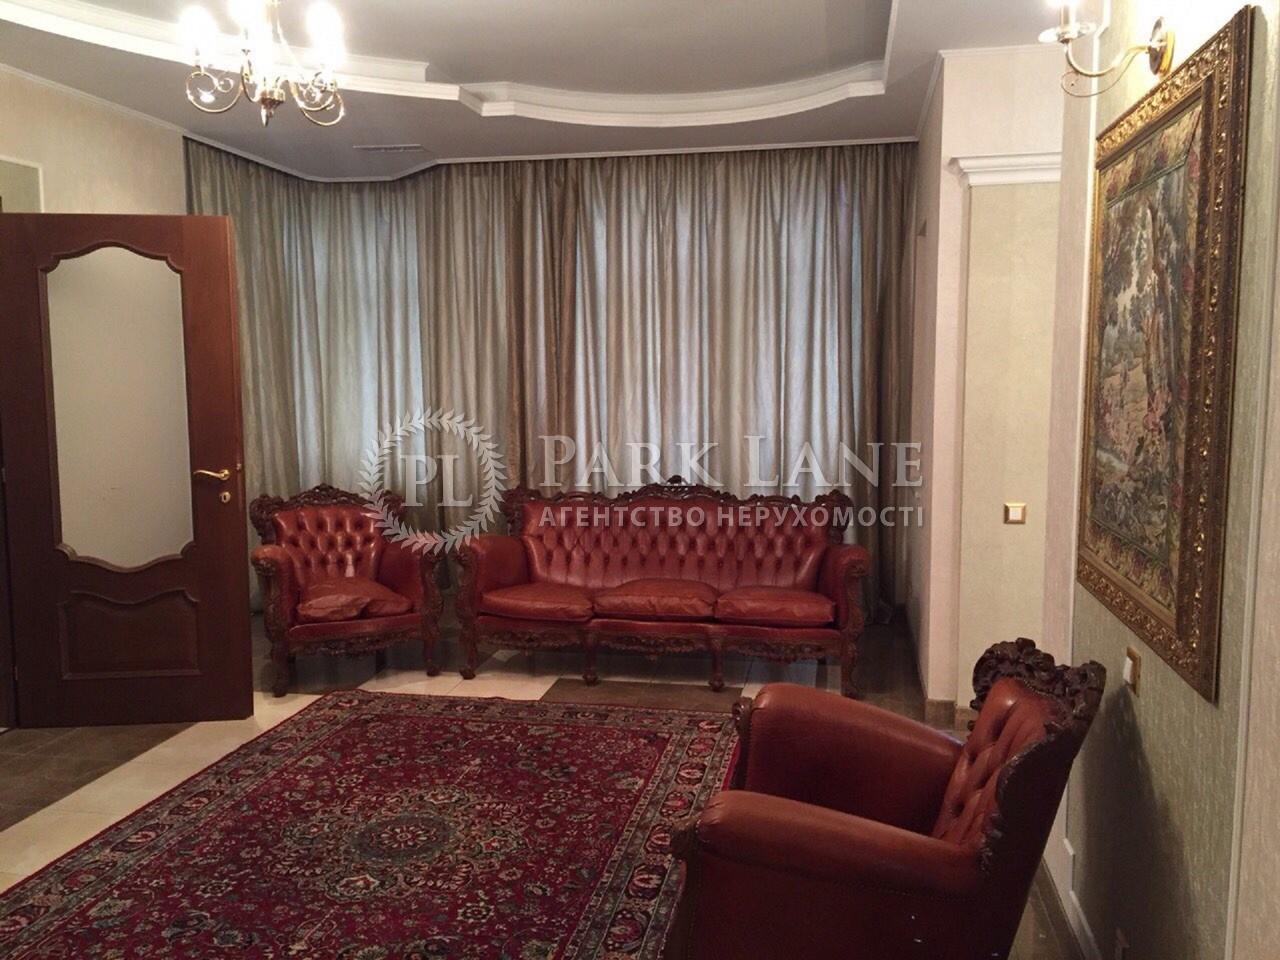 Квартира Кловский спуск, 5, Киев, Z-381562 - Фото 7